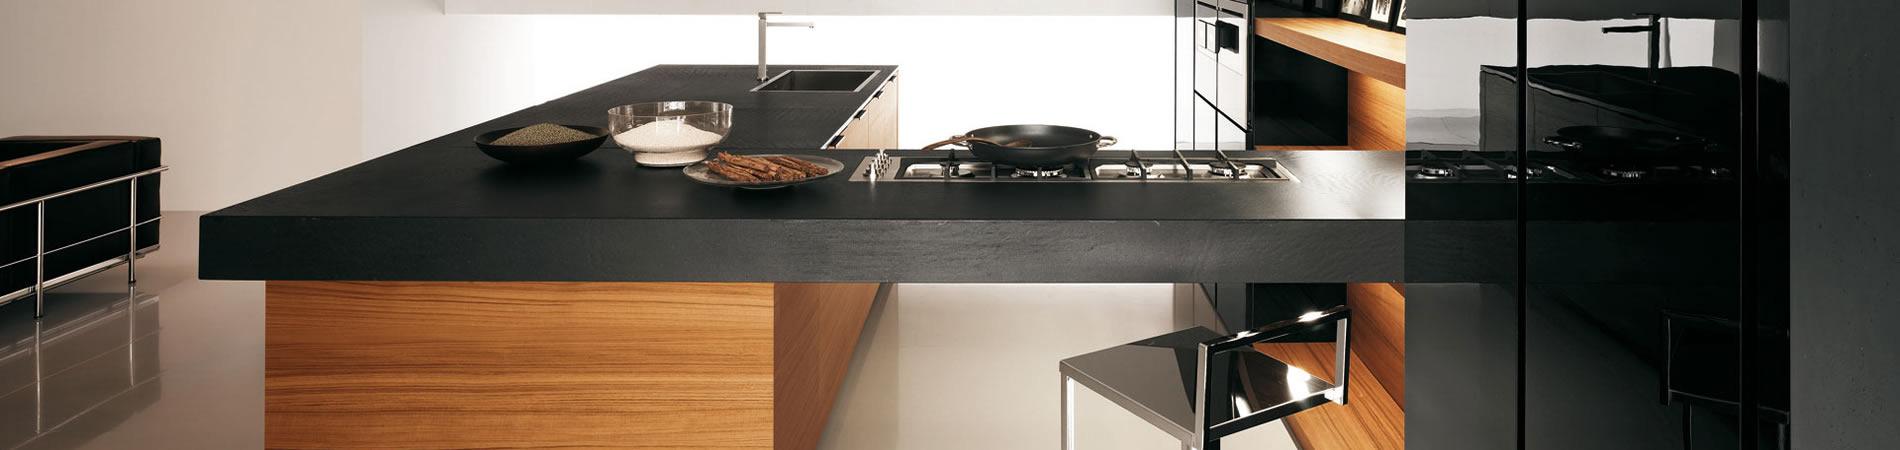 Full Size of Schiefer Arbeitsplatten Individuelle Küche Arbeitsplatte Sideboard Mit Wohnzimmer Java Schiefer Arbeitsplatte